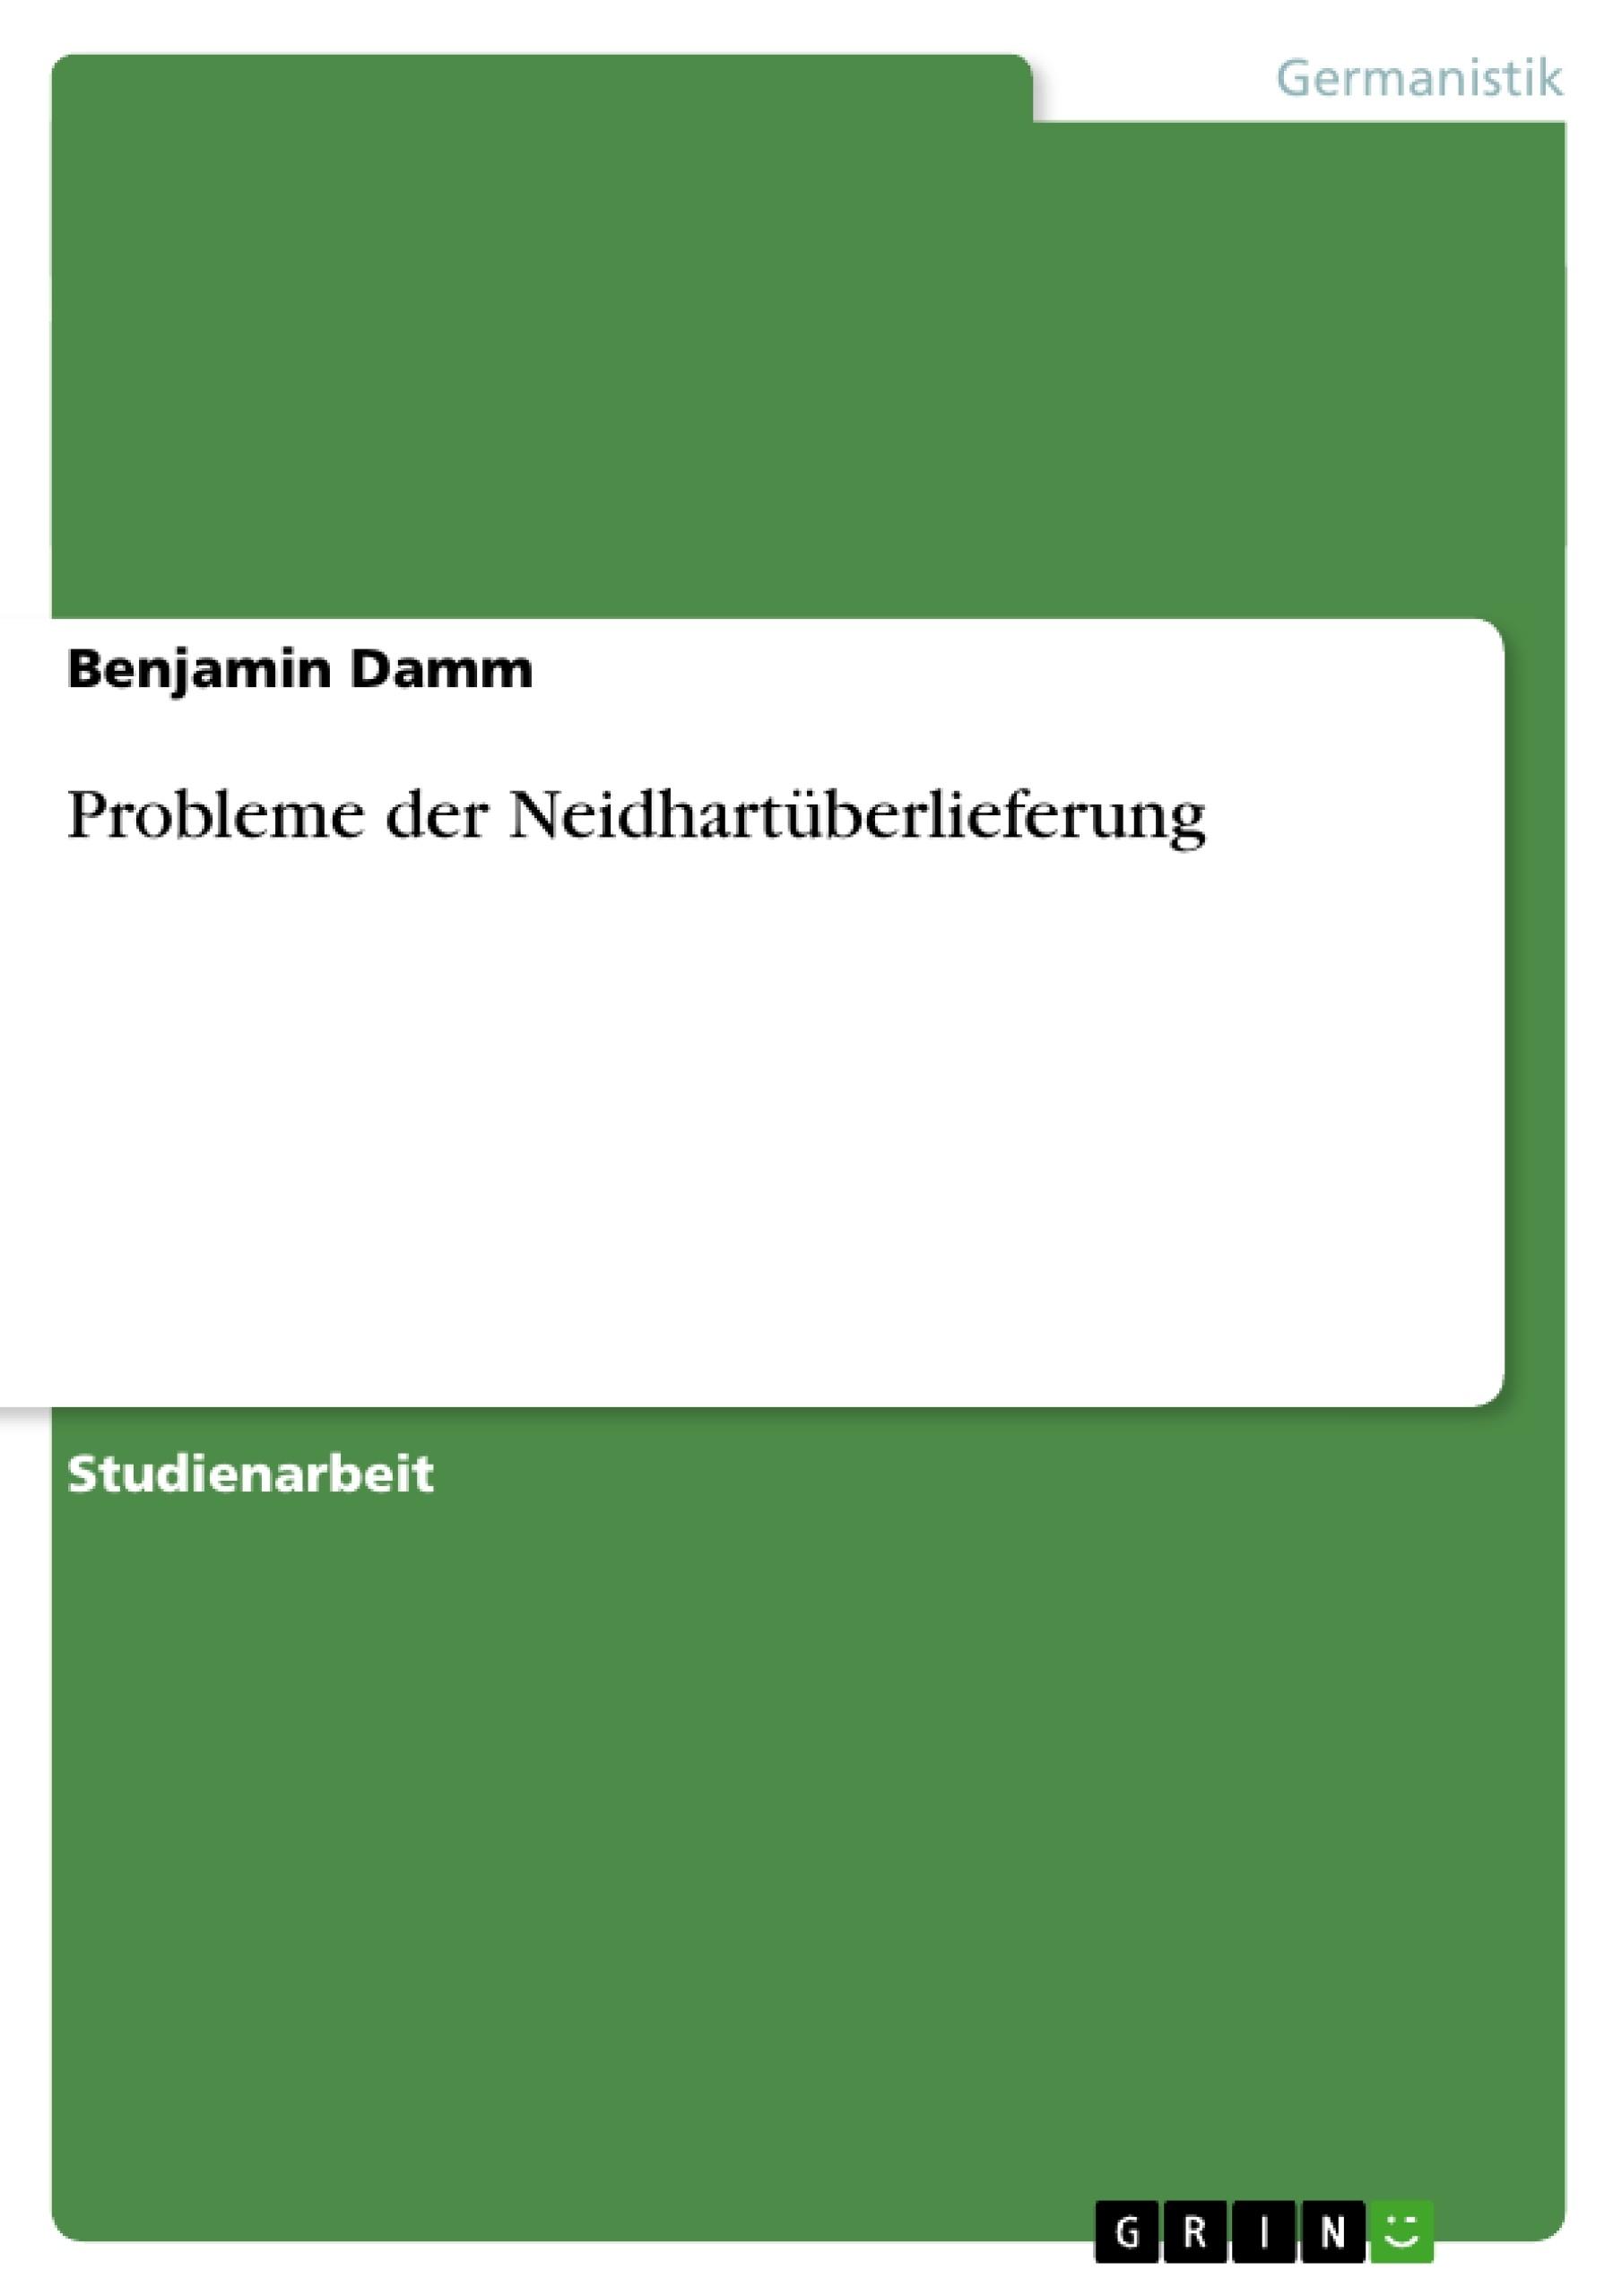 Titel: Probleme der Neidhartüberlieferung